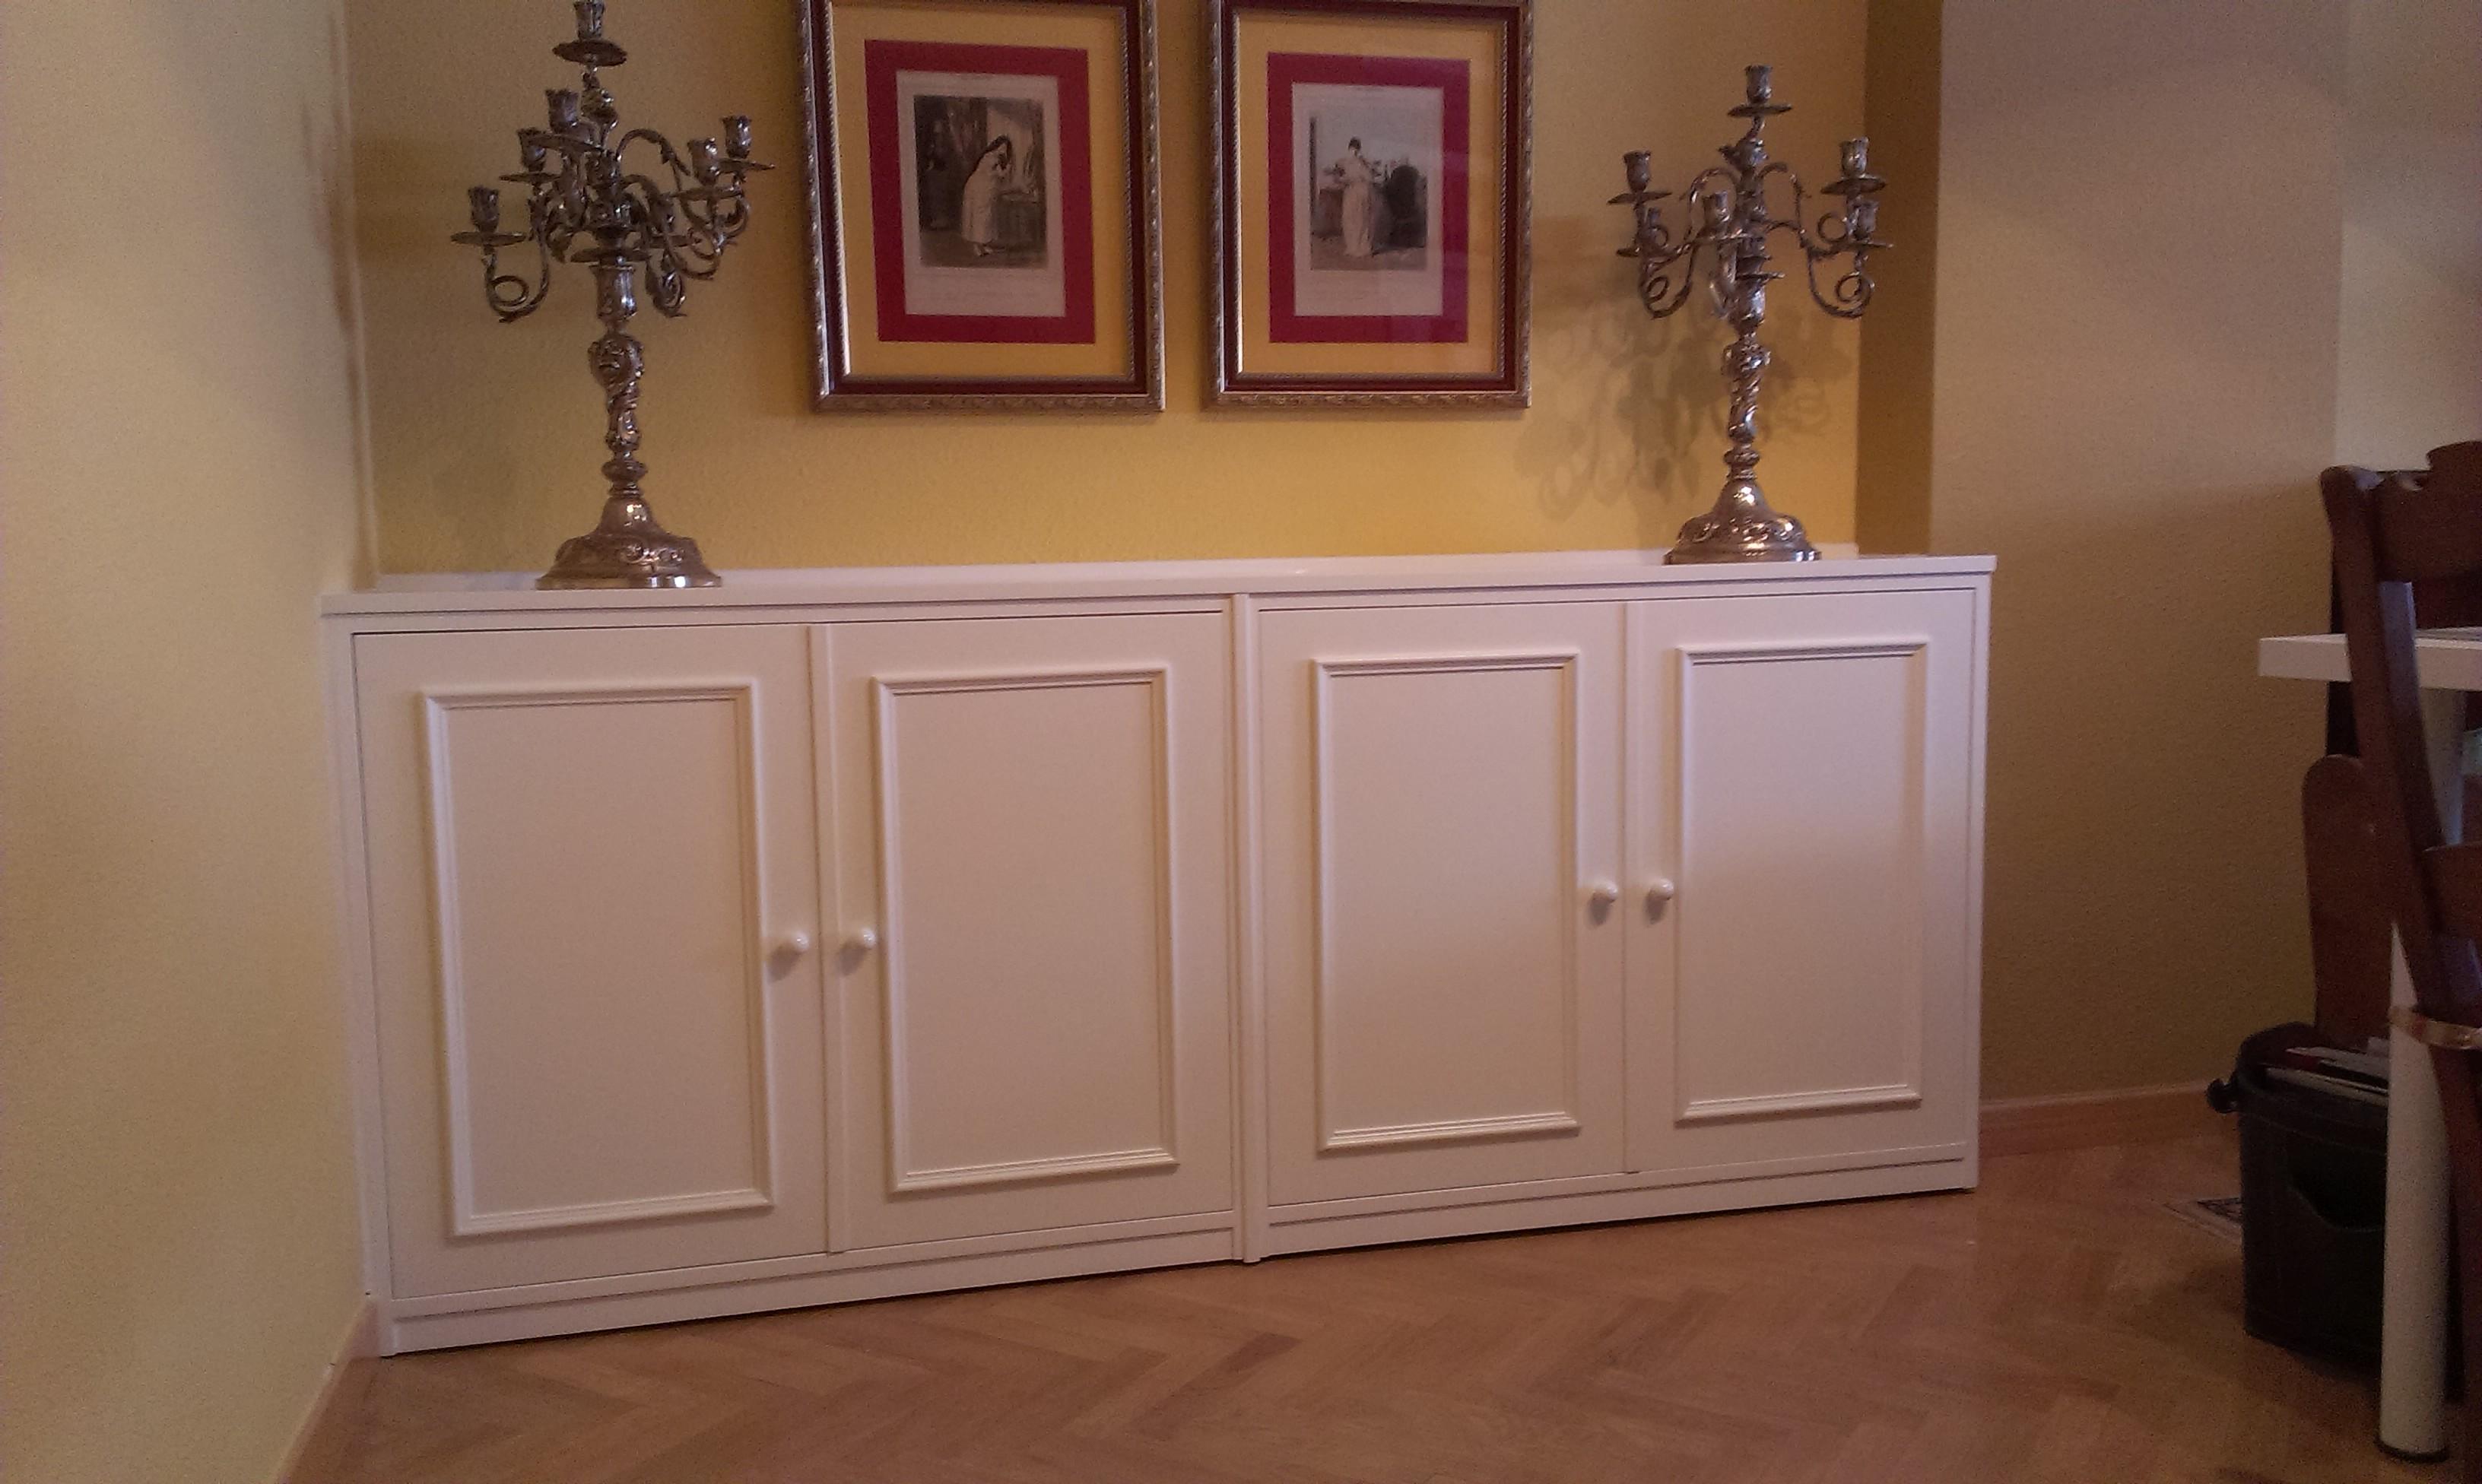 Lacar mueble en blanco dise os arquitect nicos for Lacar muebles en blanco